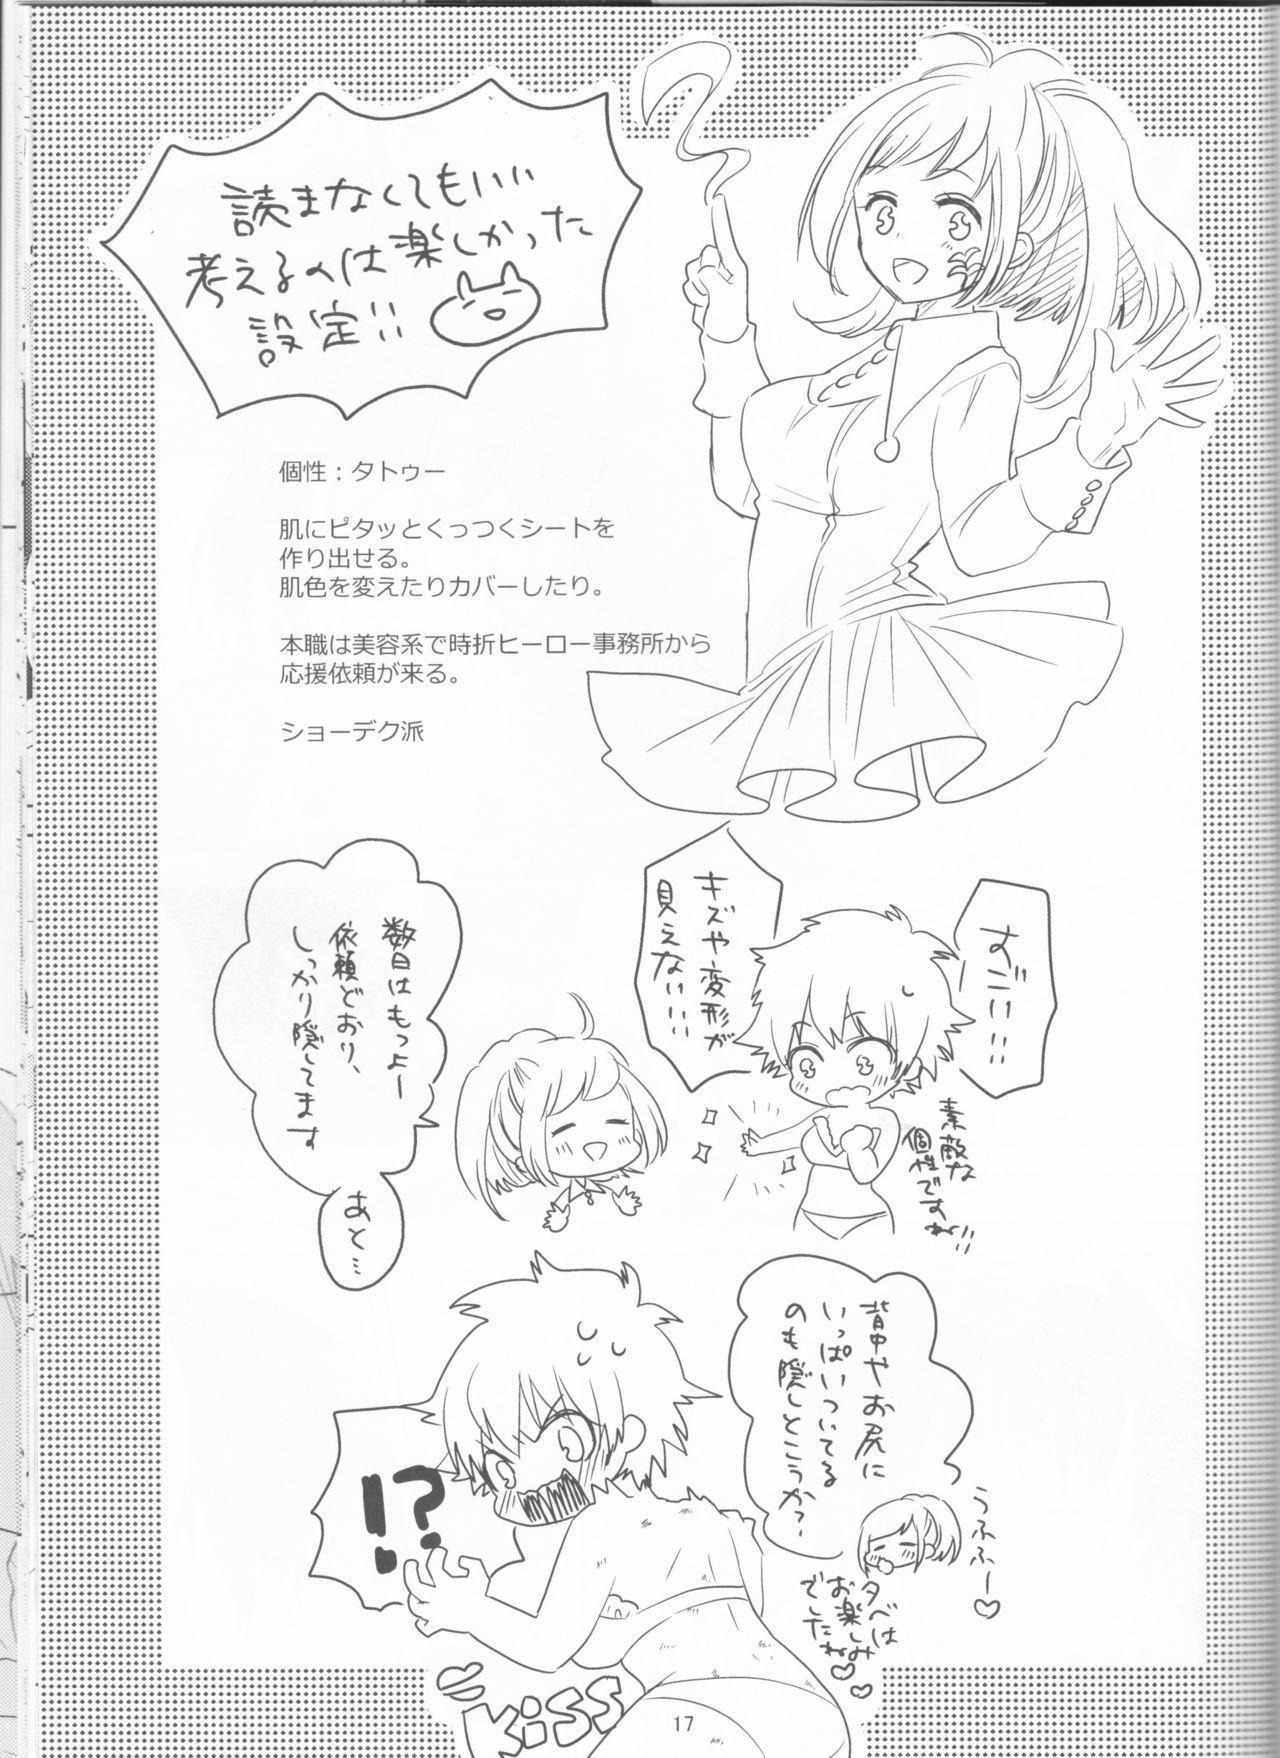 Sangatsu Usagi no Himegoto 17